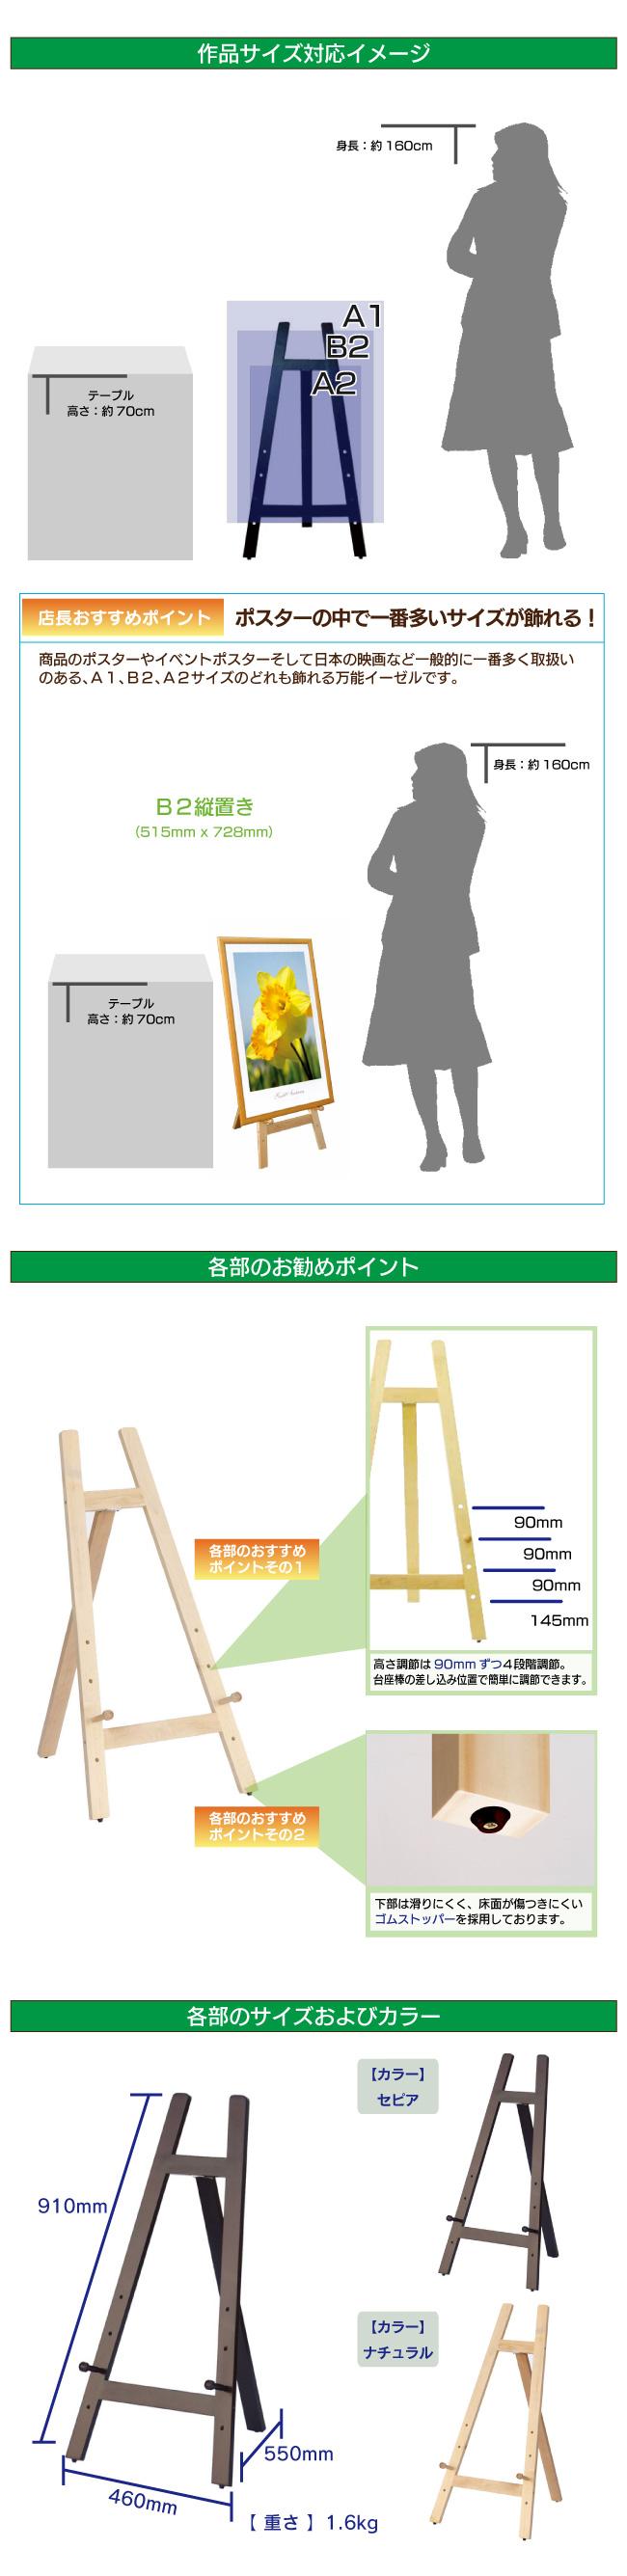 ポスターフレーム用イーゼル90商品説明